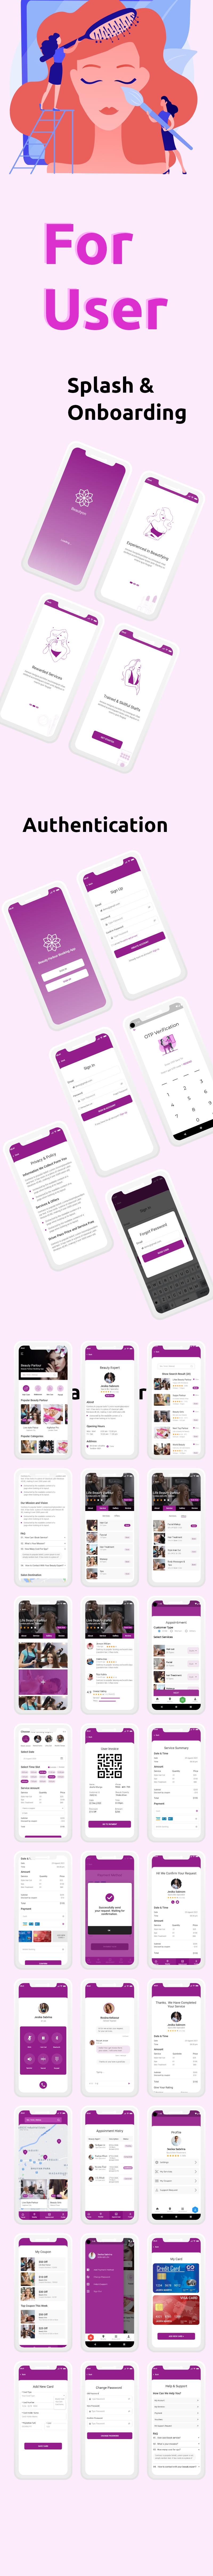 Beautyon - Beauty Parlour Booking Flutter Full App UI Kit - 2